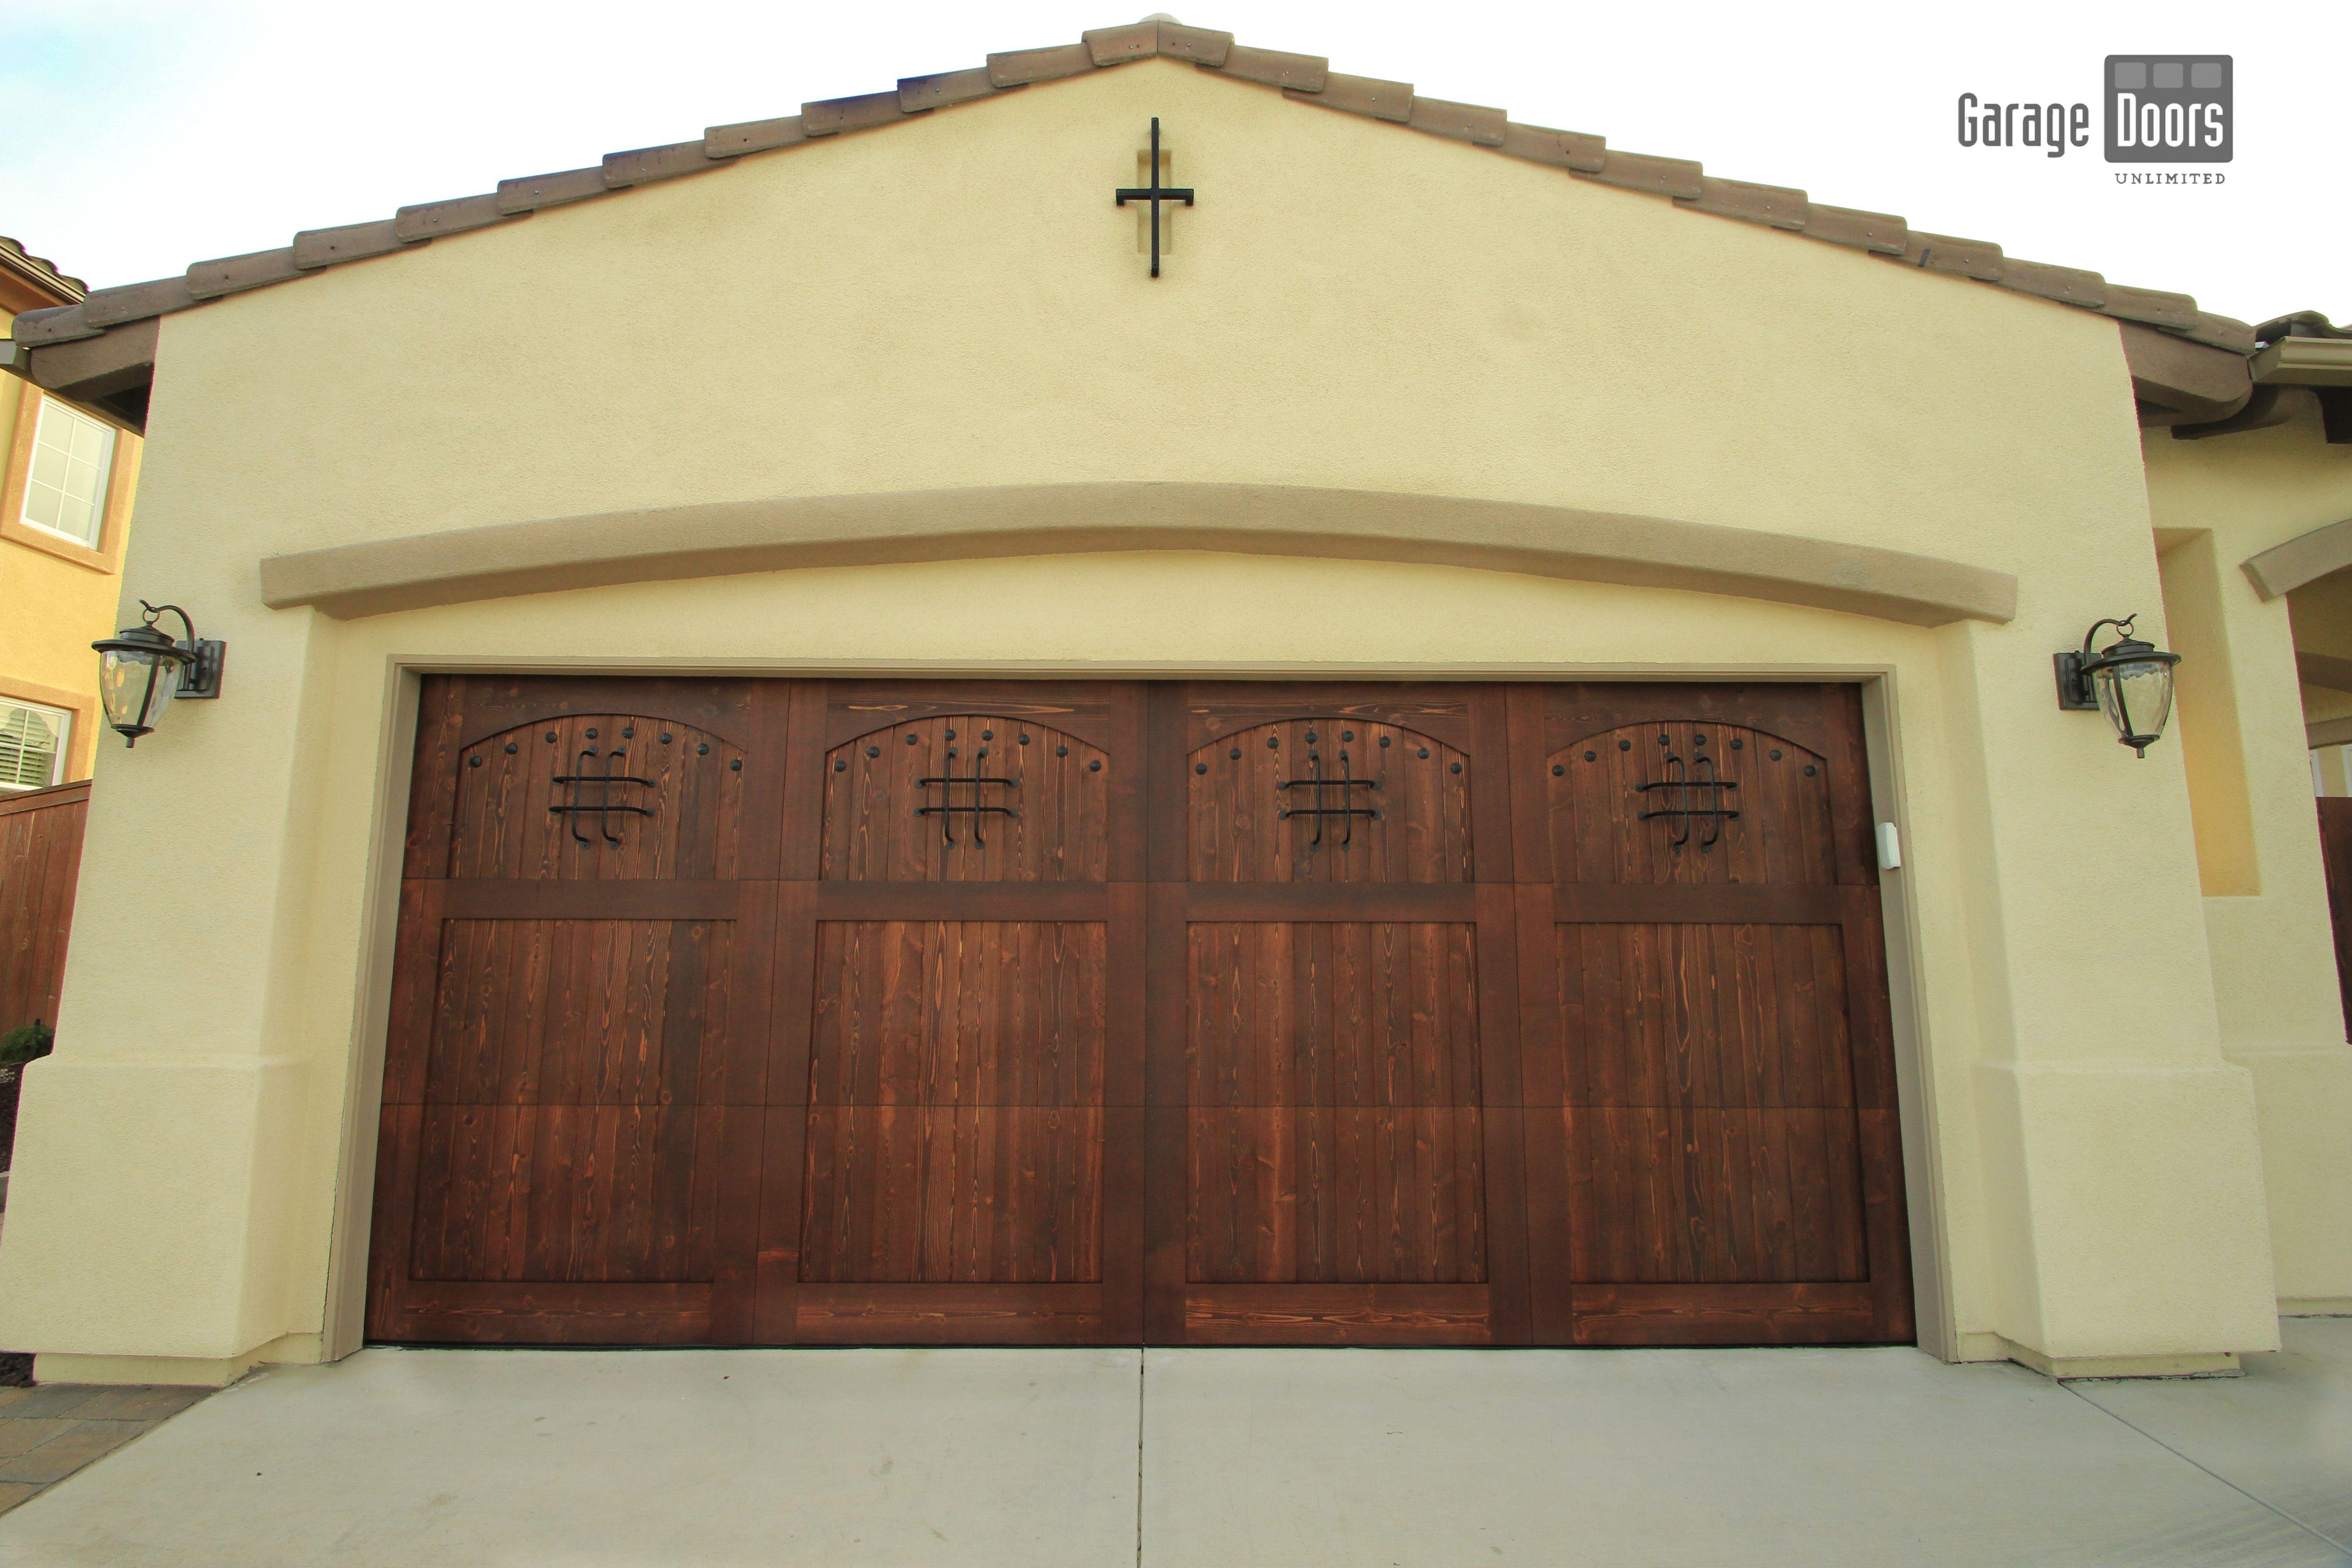 Mediterranean Style Garage Door With Speak Easy Hardware Garage Doors Wood Garage Doors House Exterior